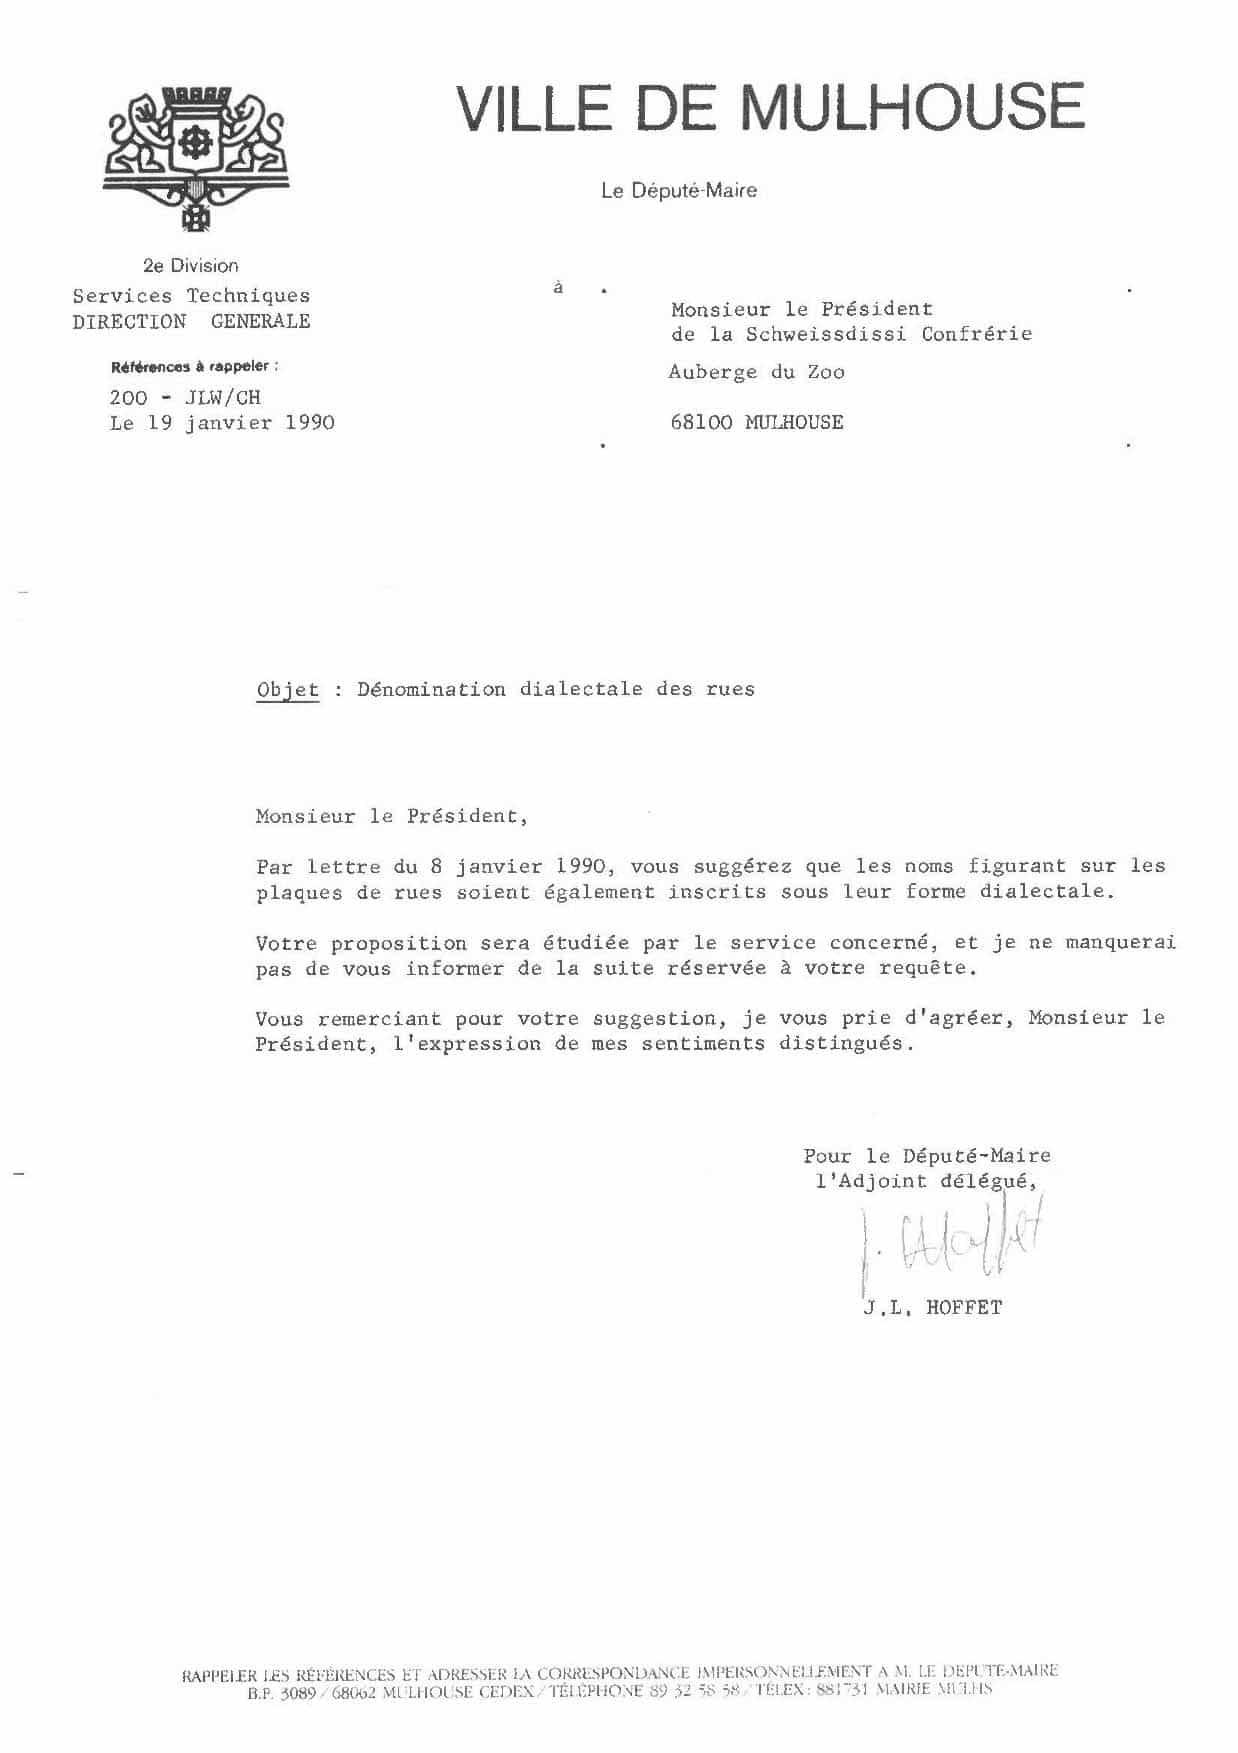 19900119-schweissdissi